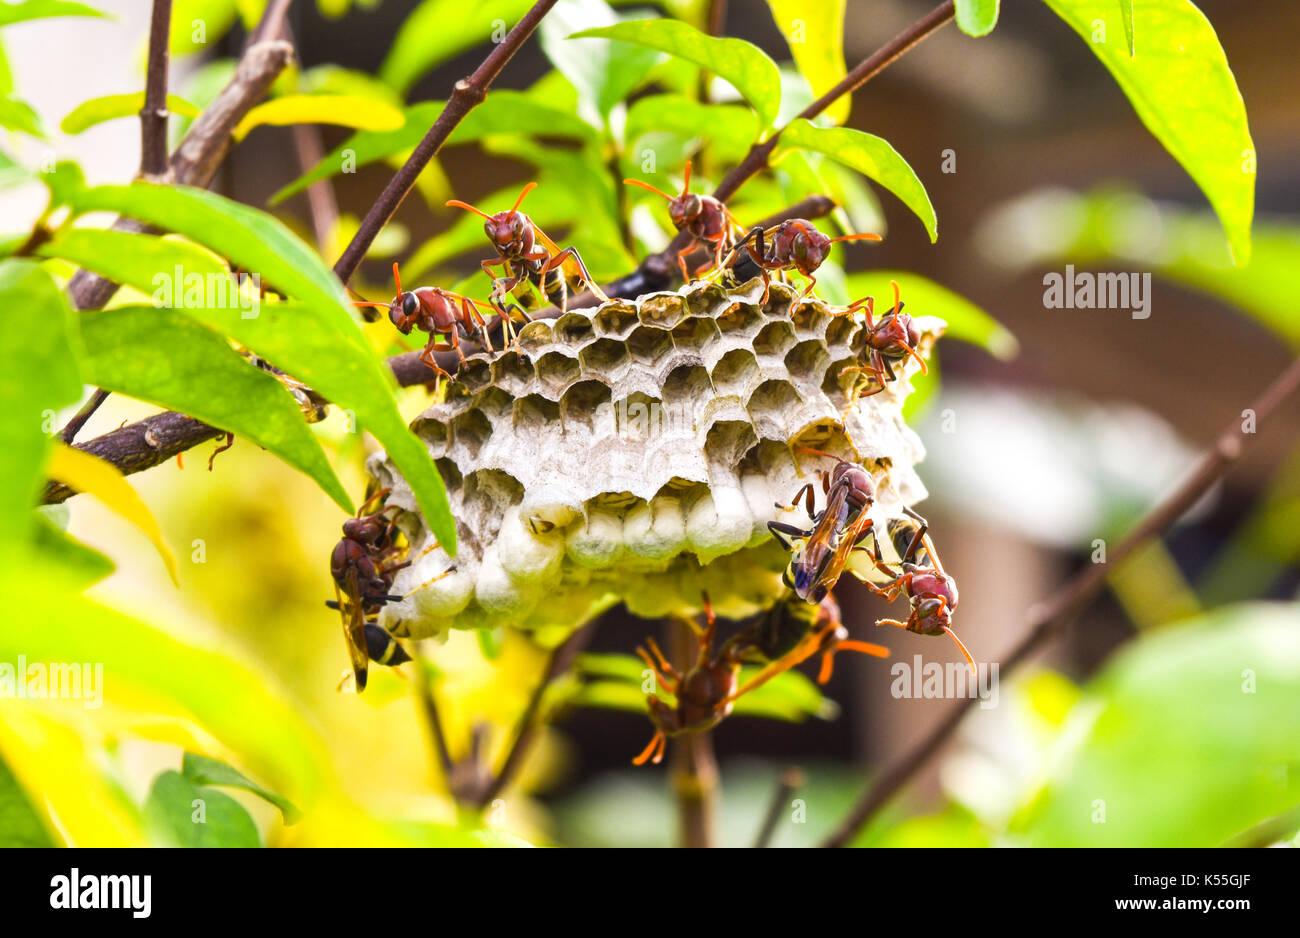 Wasp Nest in der Branche, es gibt viele Hornet sehen schrecklich und gruselig. Stockbild